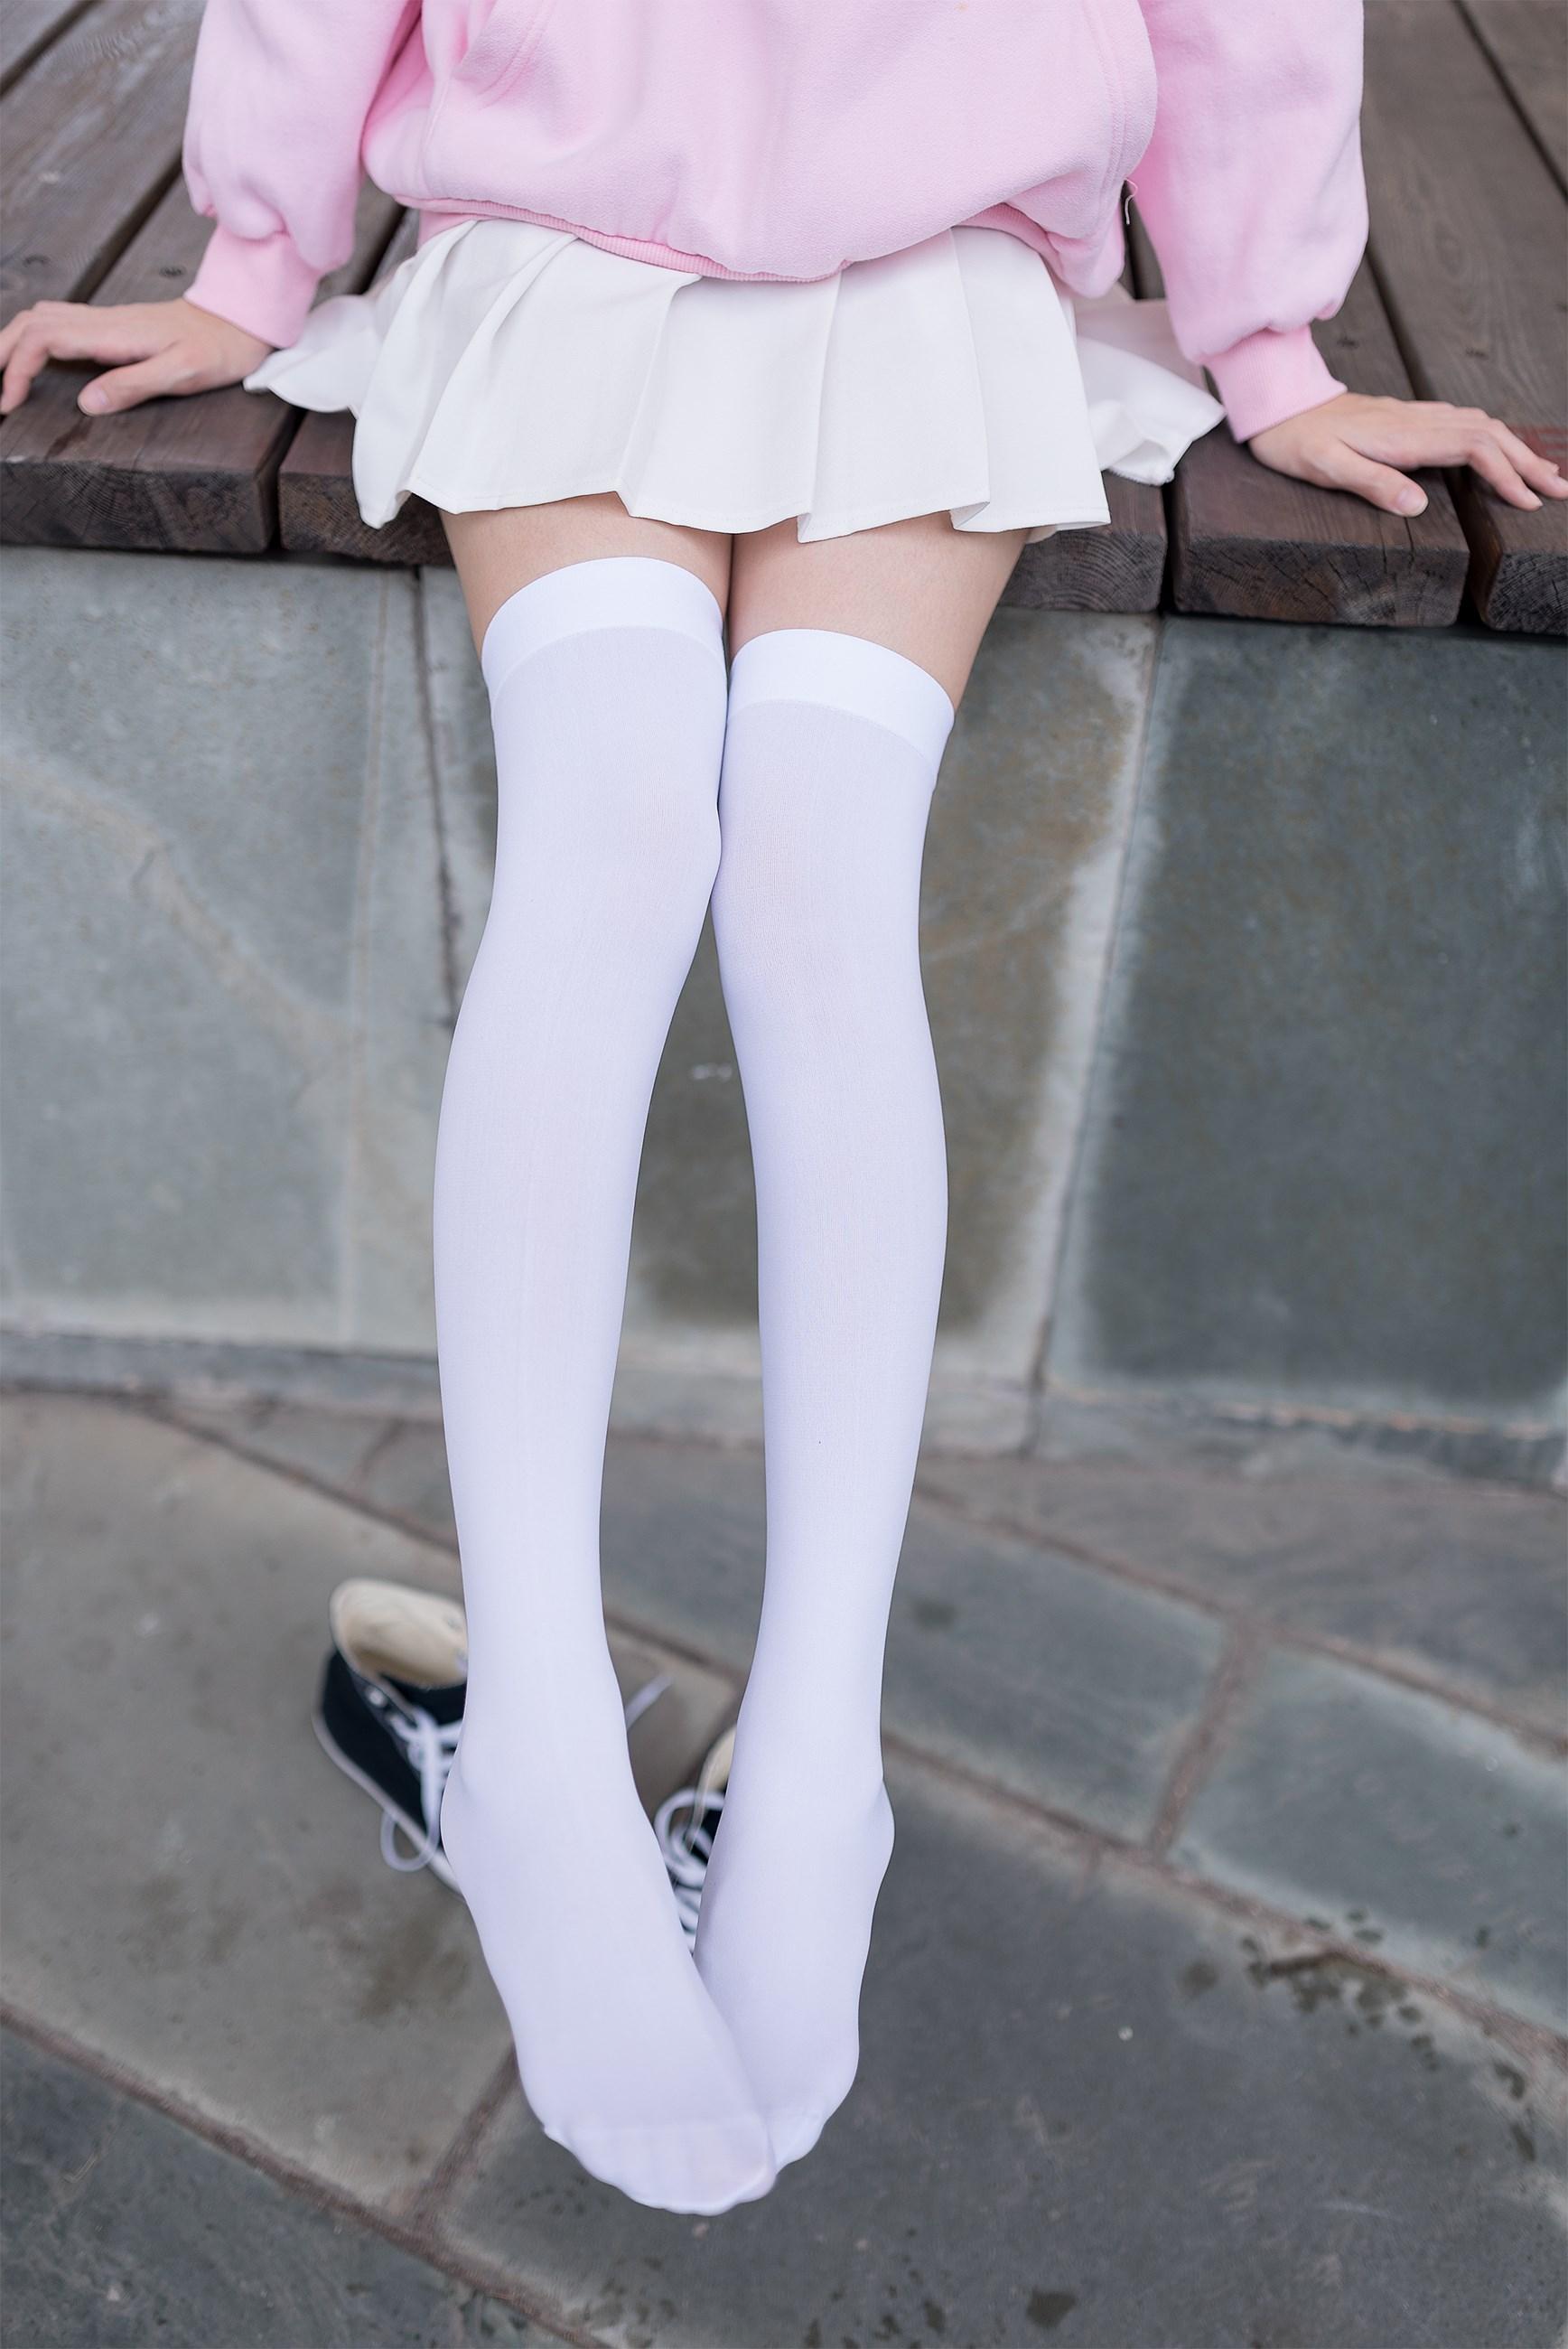 【兔玩映画】白裙子 兔玩映画 第11张